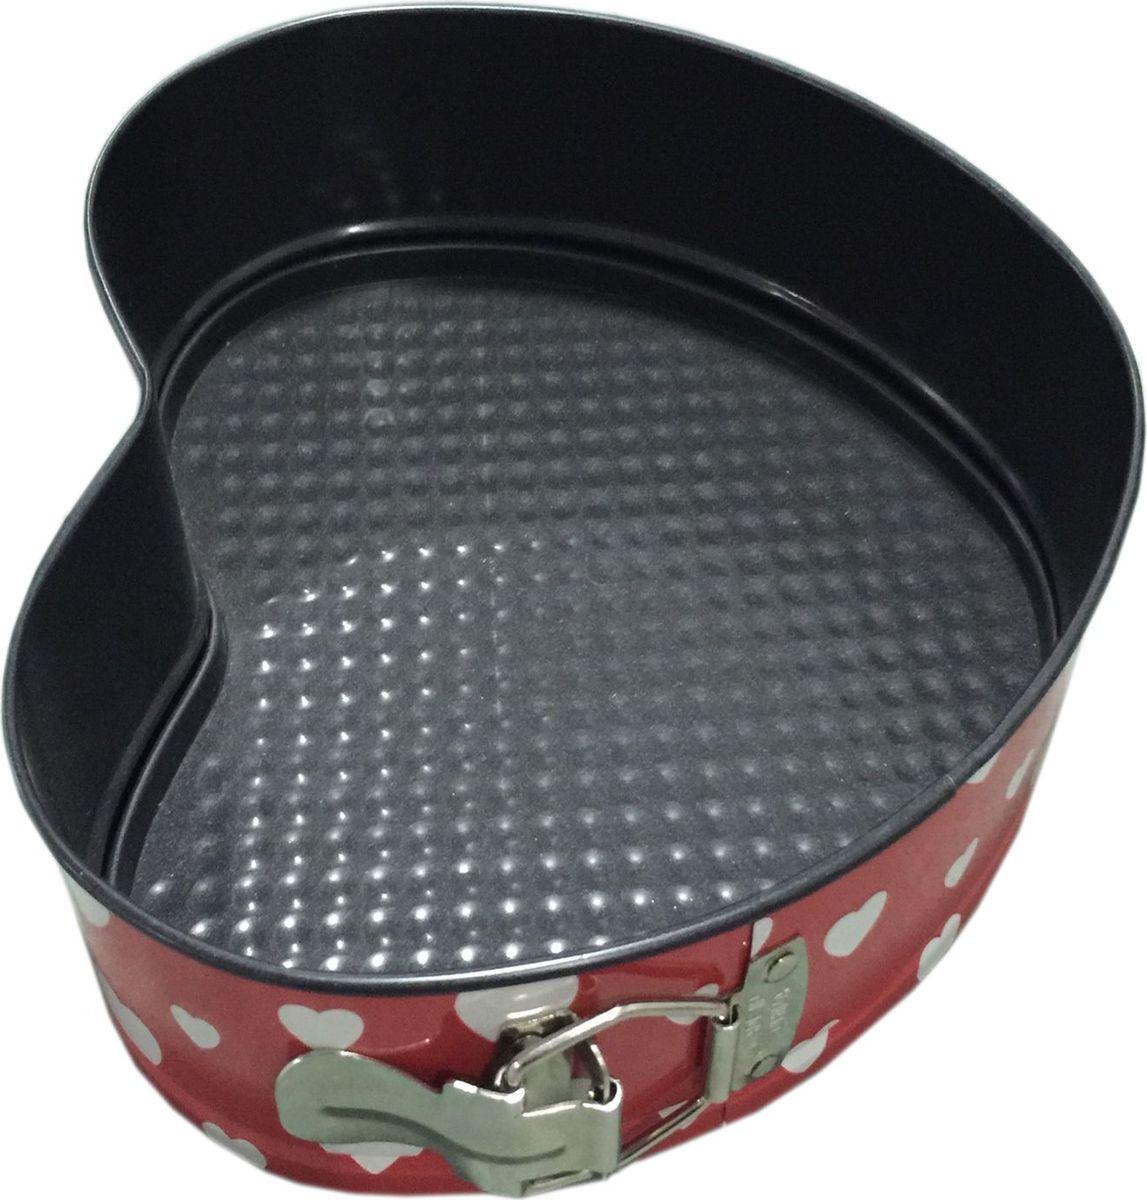 Форма для выпечки Irit, цвет: черный, 23,5 х 20,5 х 6,8 смIRH-925Форма для выпечки в виде сердца Irit изготовлена из листового железа. Форма имеет стойкое к истиранию антипригарное покрытие. Подходит для использования в газовых и электрических духовках. Можно мыть в посудомоечной машине.